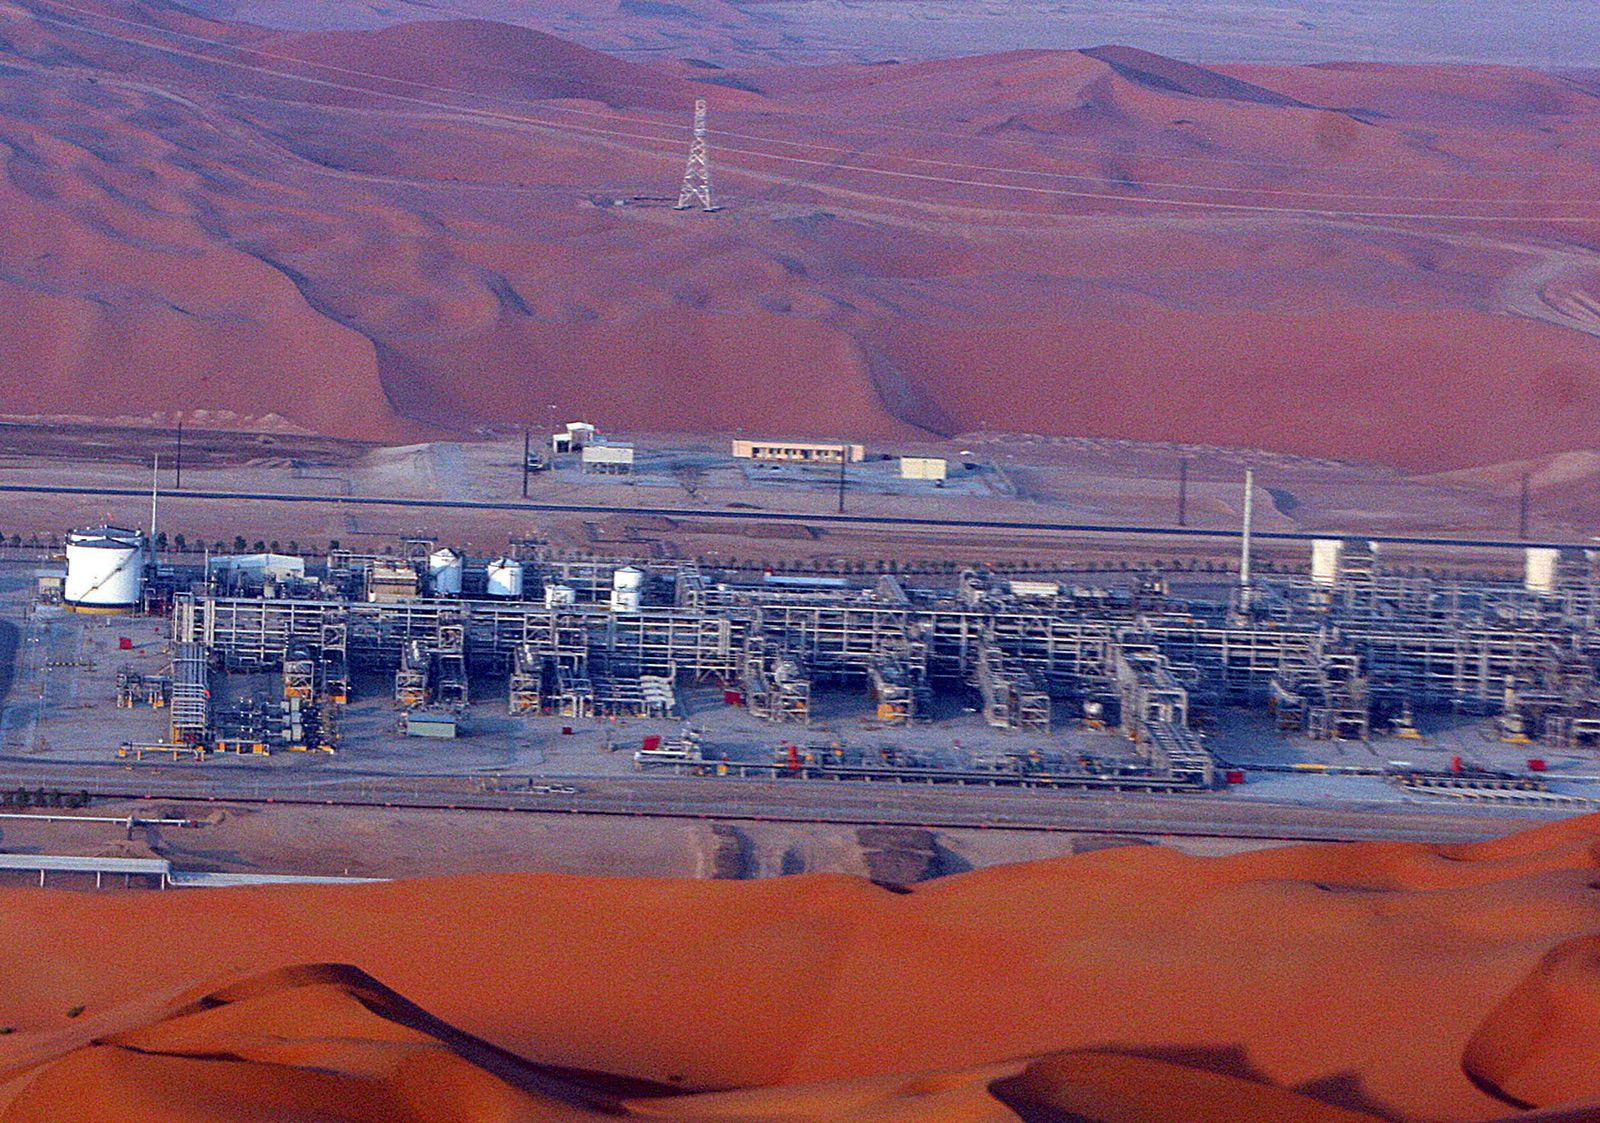 Öl Saudi-Arabien / Ölfeld Shaybah